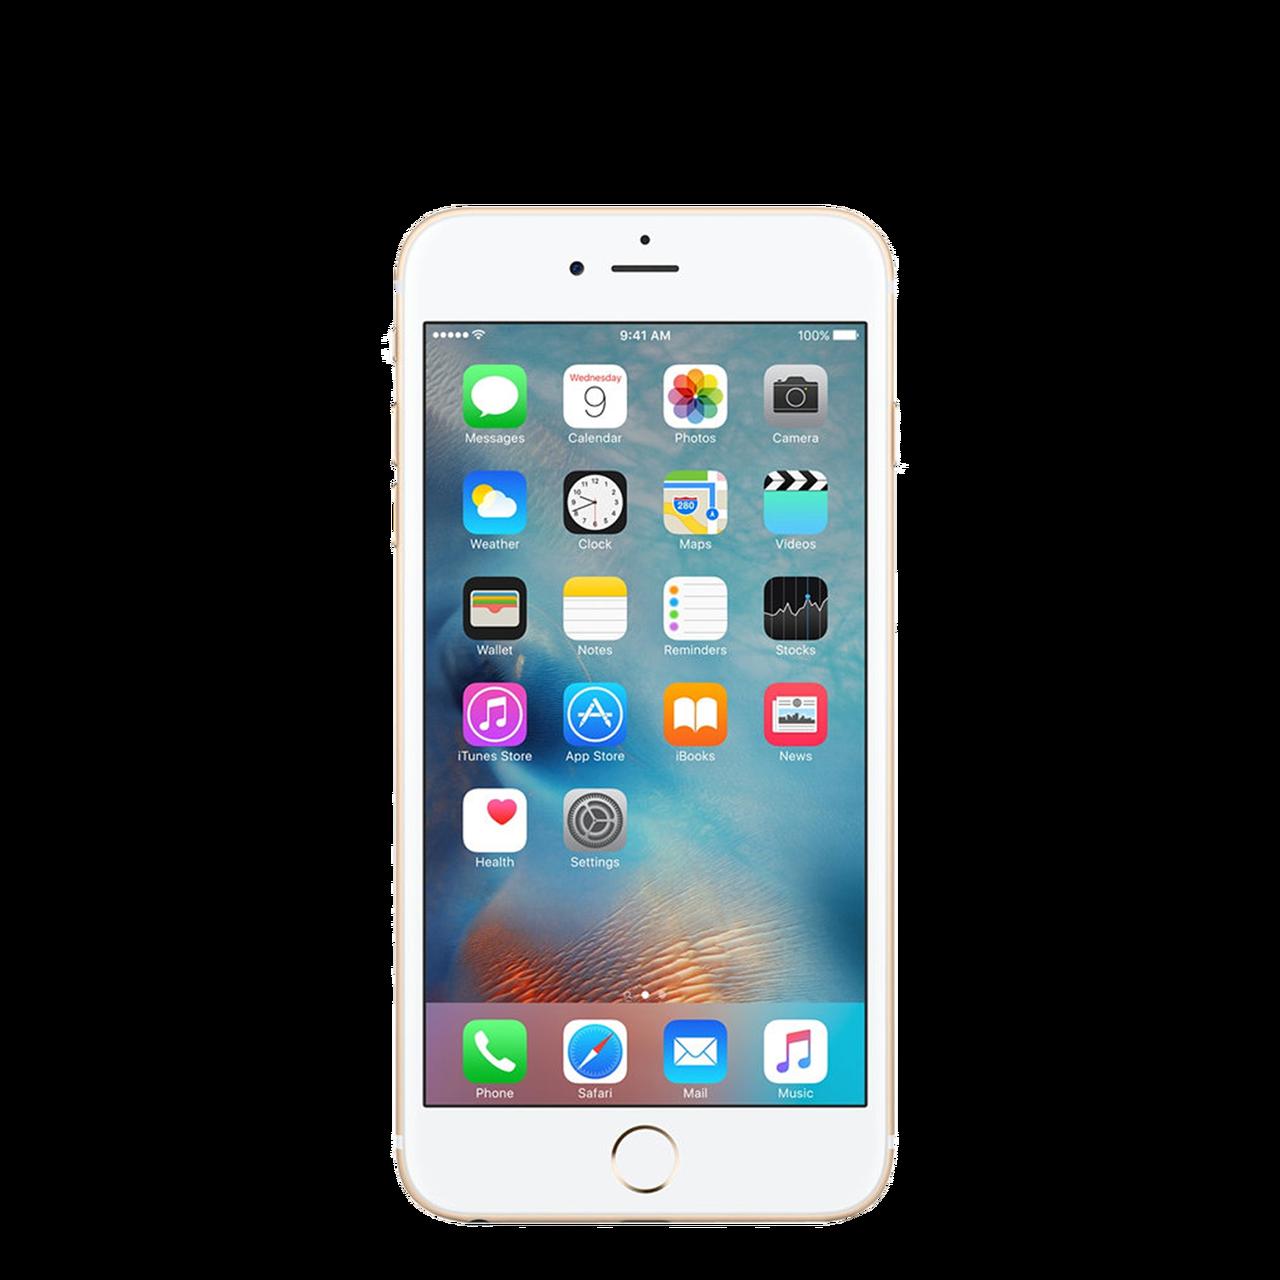 iphone-6-thumbnail-75-percent.jpg